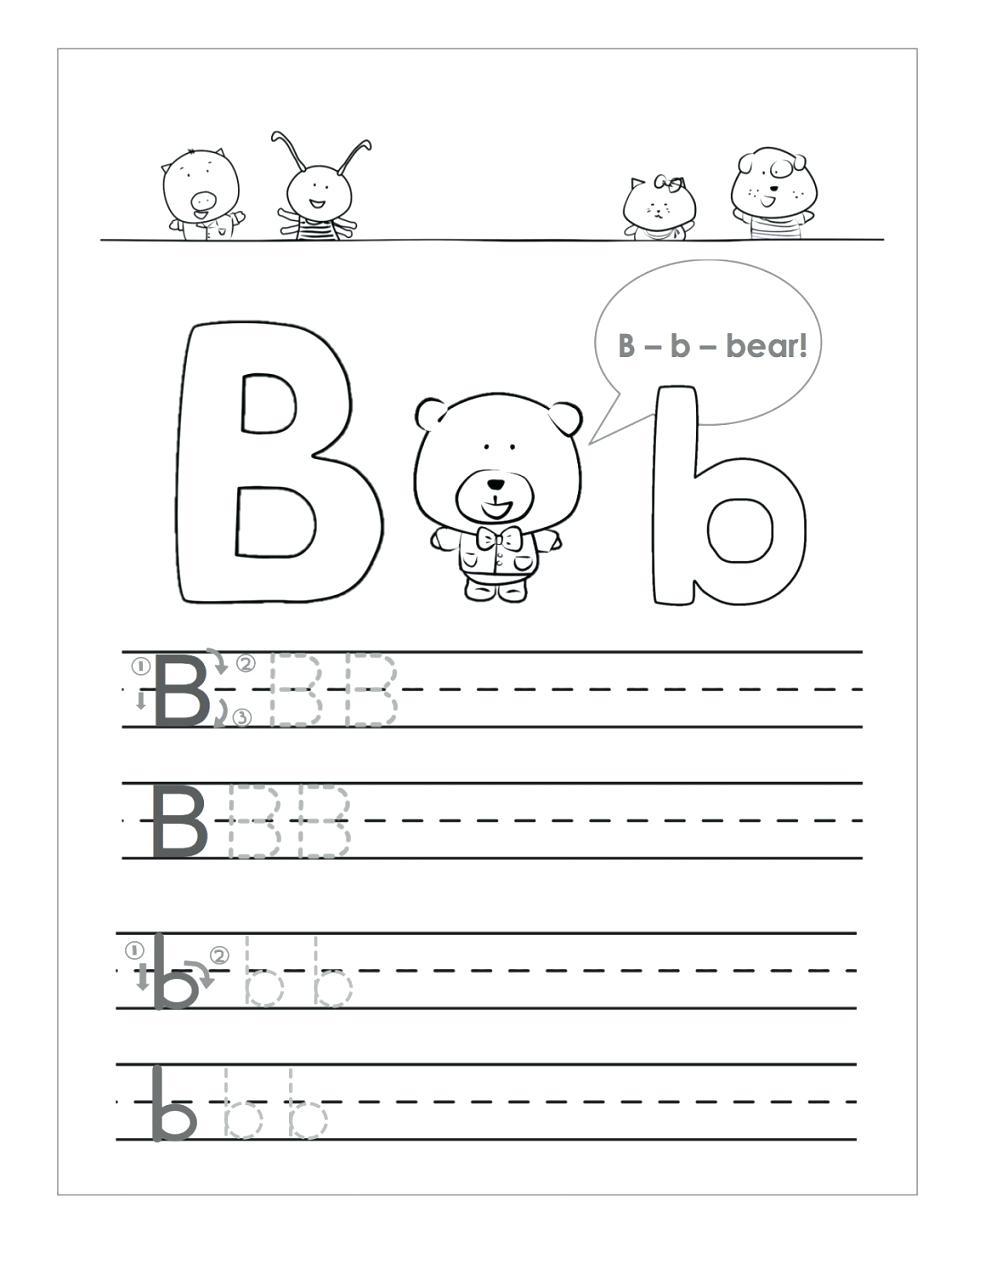 Letter B Worksheets To Learning Letter B Worksheets